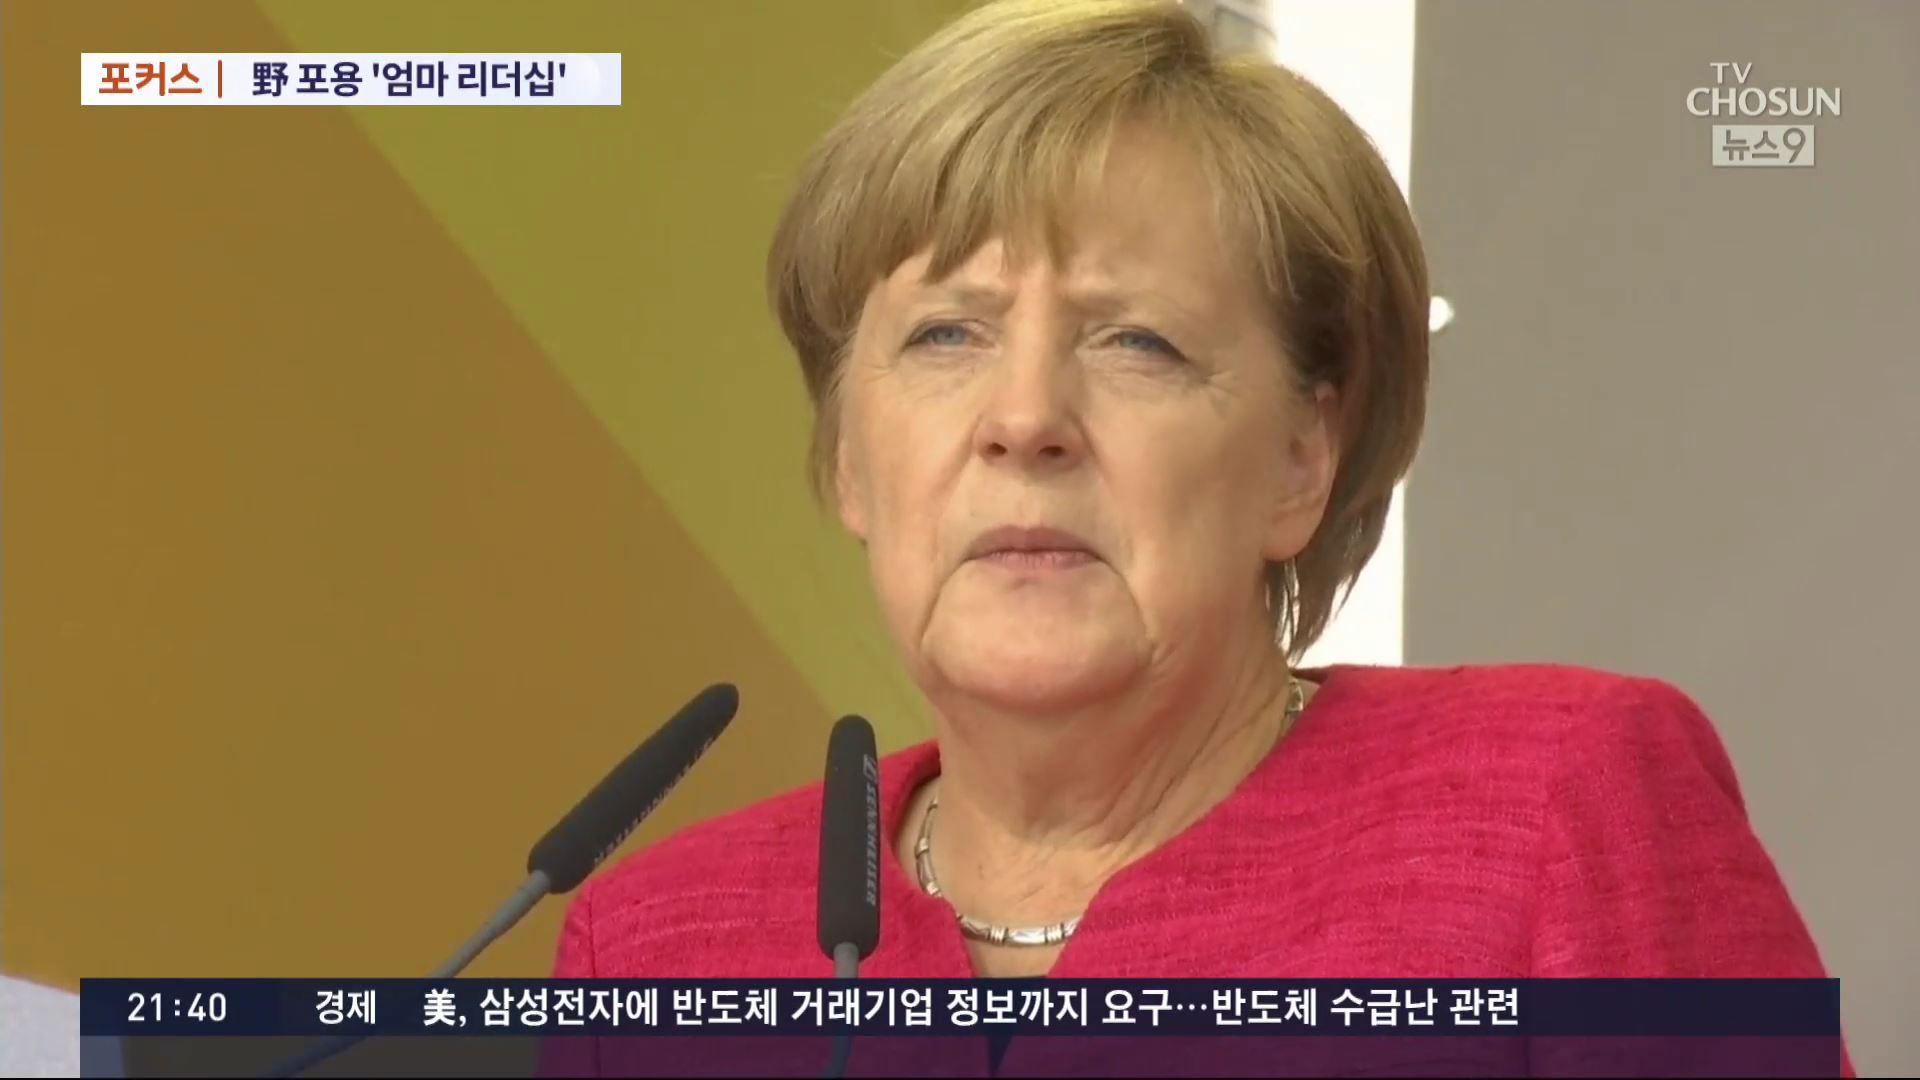 [포커스] 16년간 독일 이끈 '엄마 리더십' 메르켈 자진퇴장